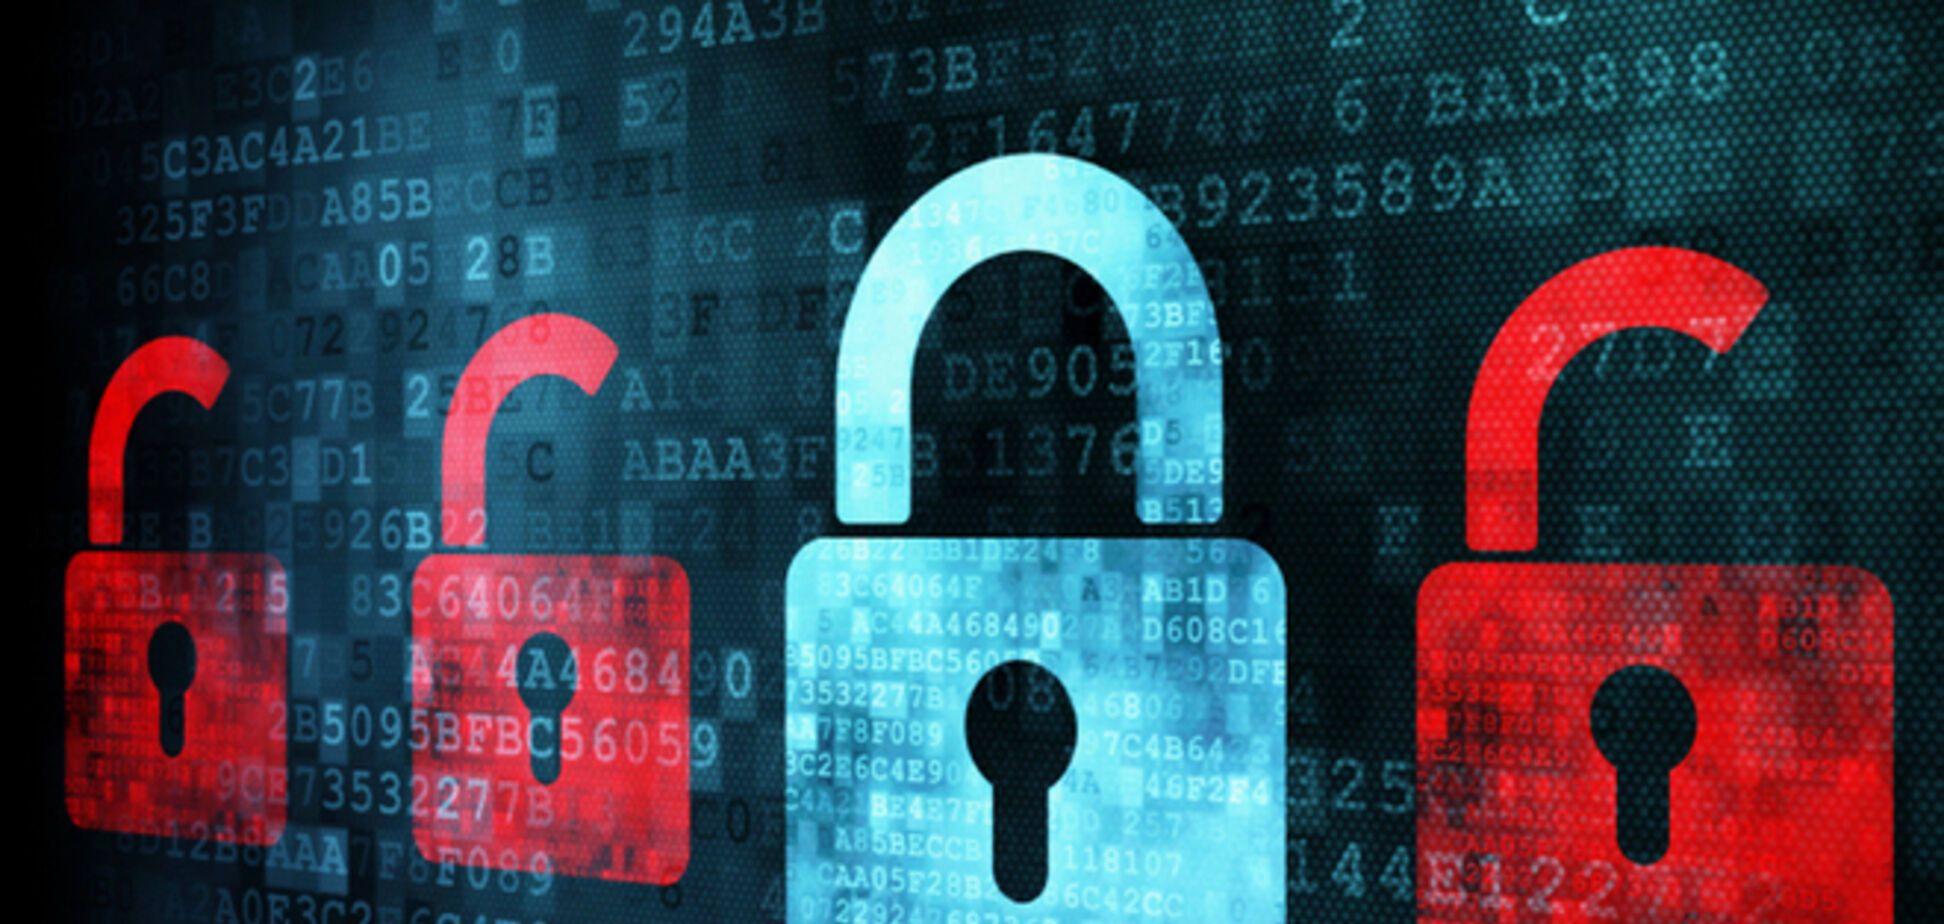 Украинские хакеры взломали сайт 'ЦИК' террористов и отменили 'выборы'